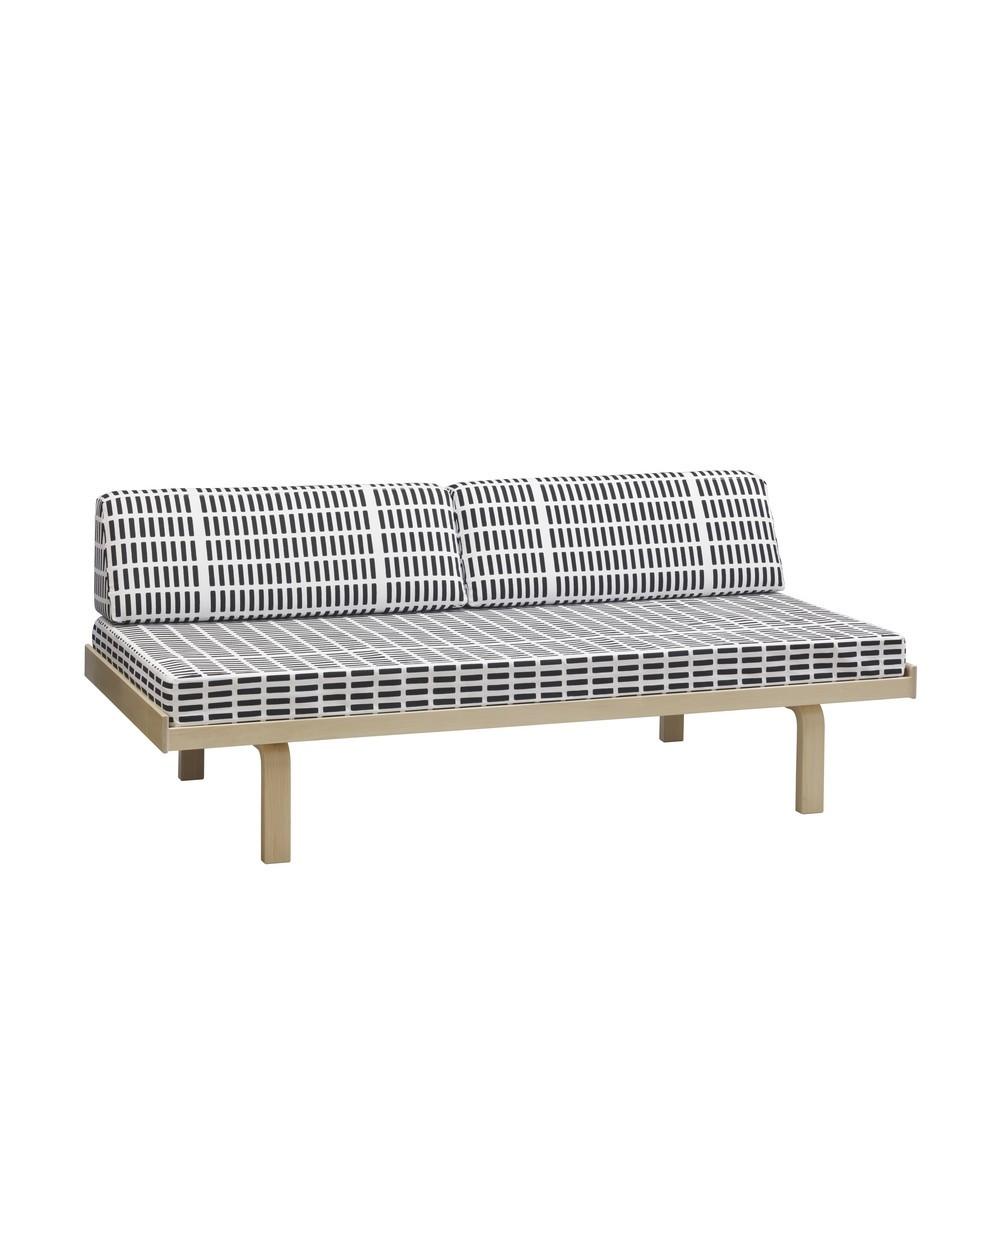 lit de jour 710 design alvar aalto pour artek la boutique danoise. Black Bedroom Furniture Sets. Home Design Ideas